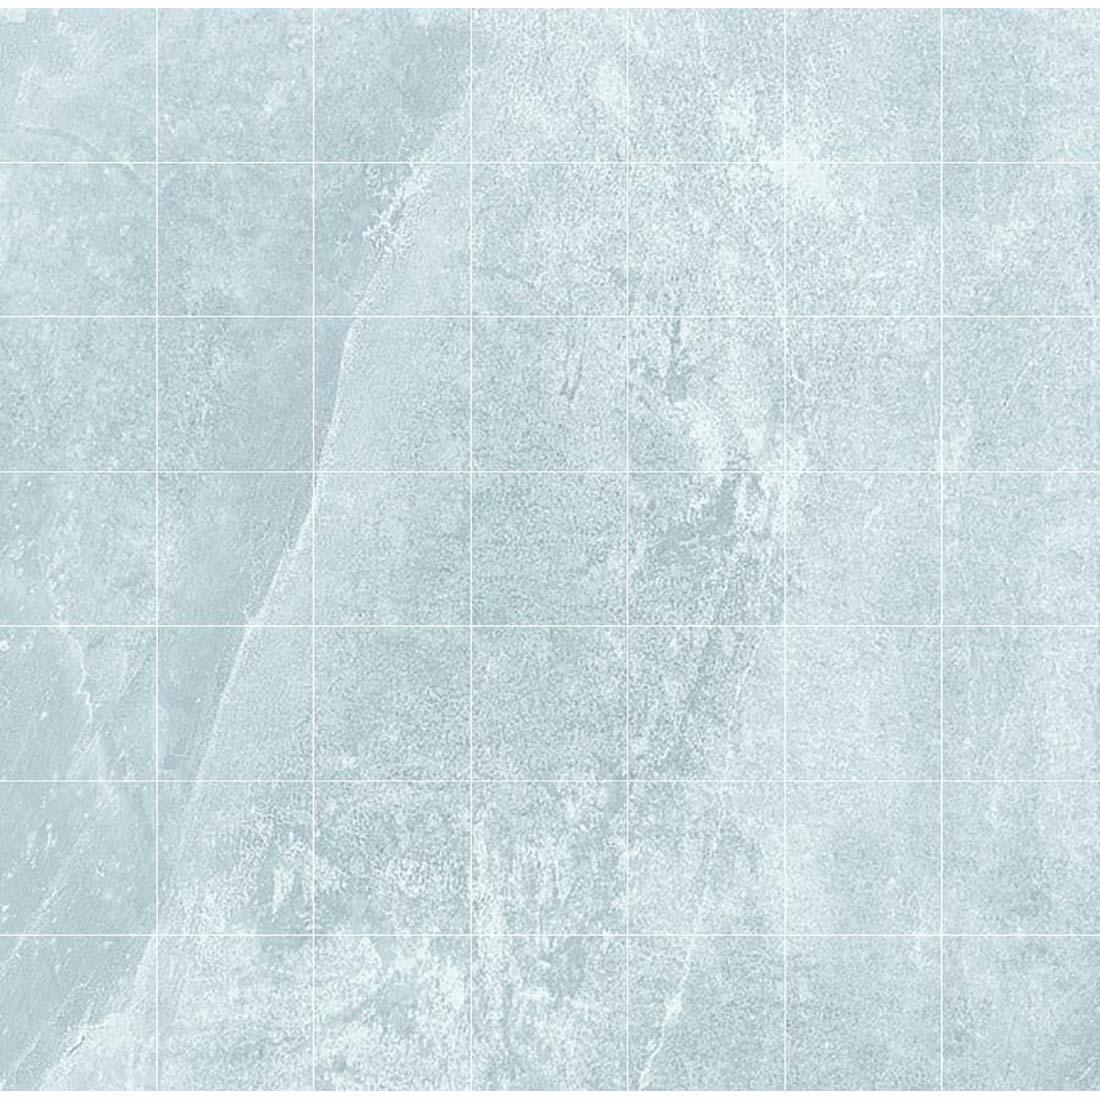 Delta Mosaic 33x33 Light Grey Matt 1